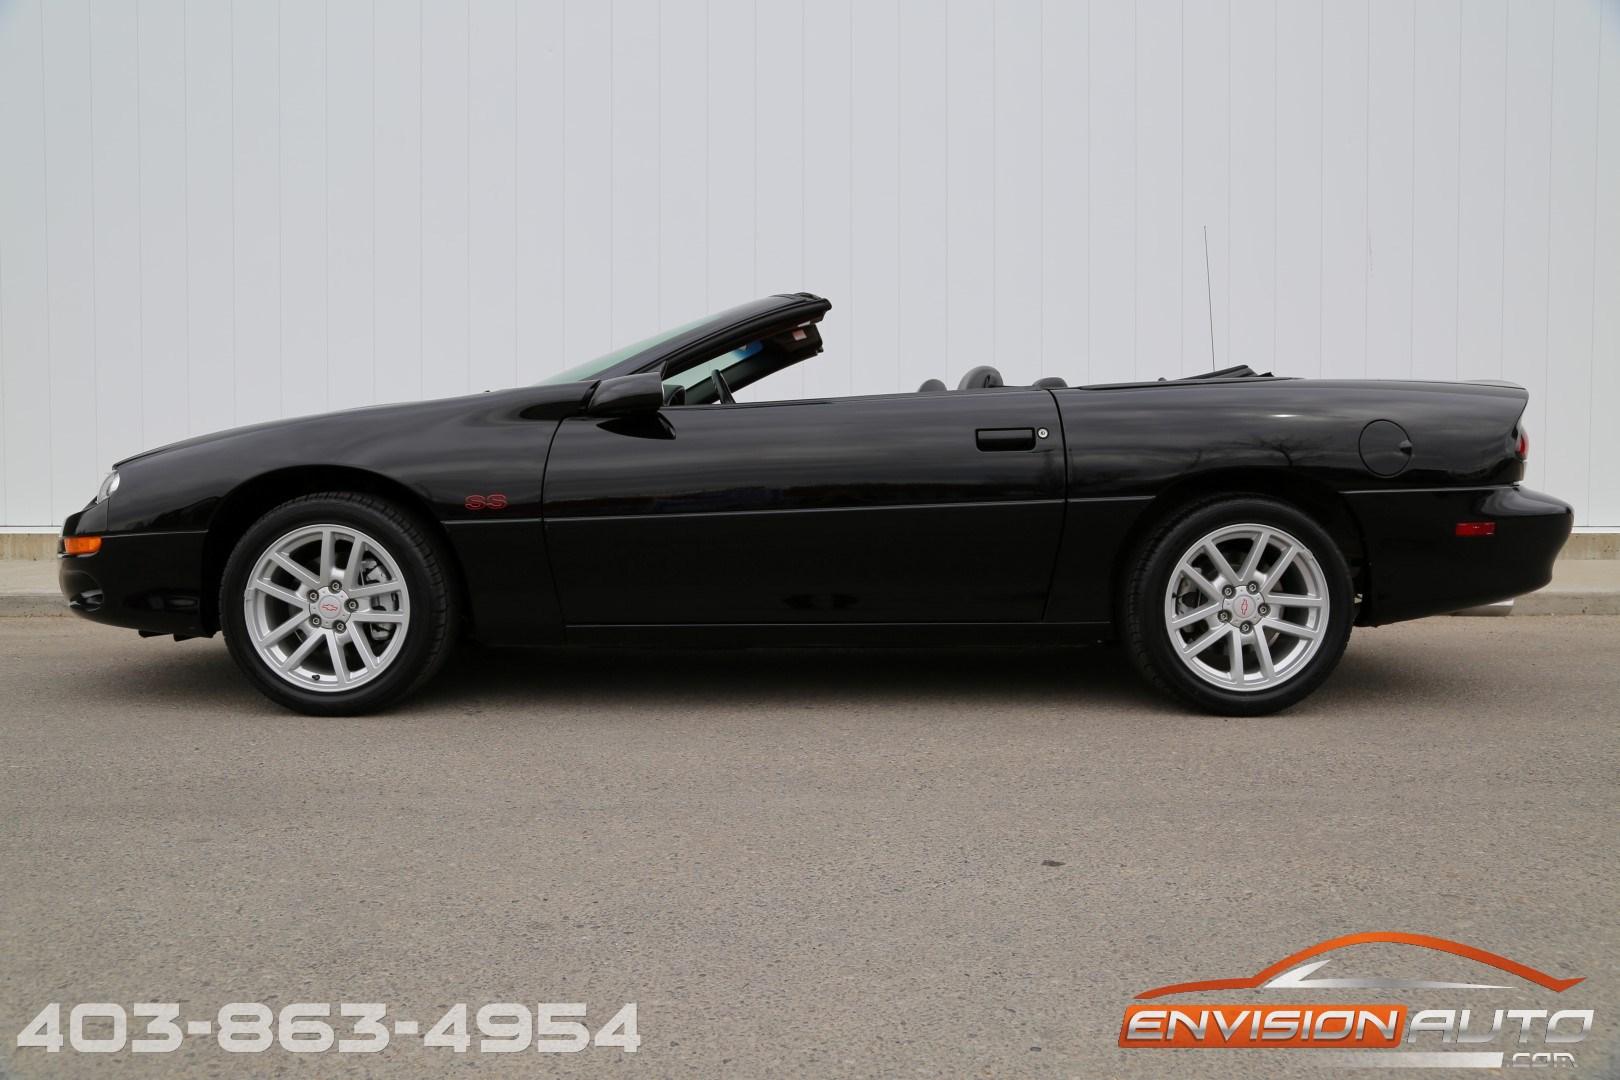 2002 Chevrolet Camaro Z28 SS Convertible 35th